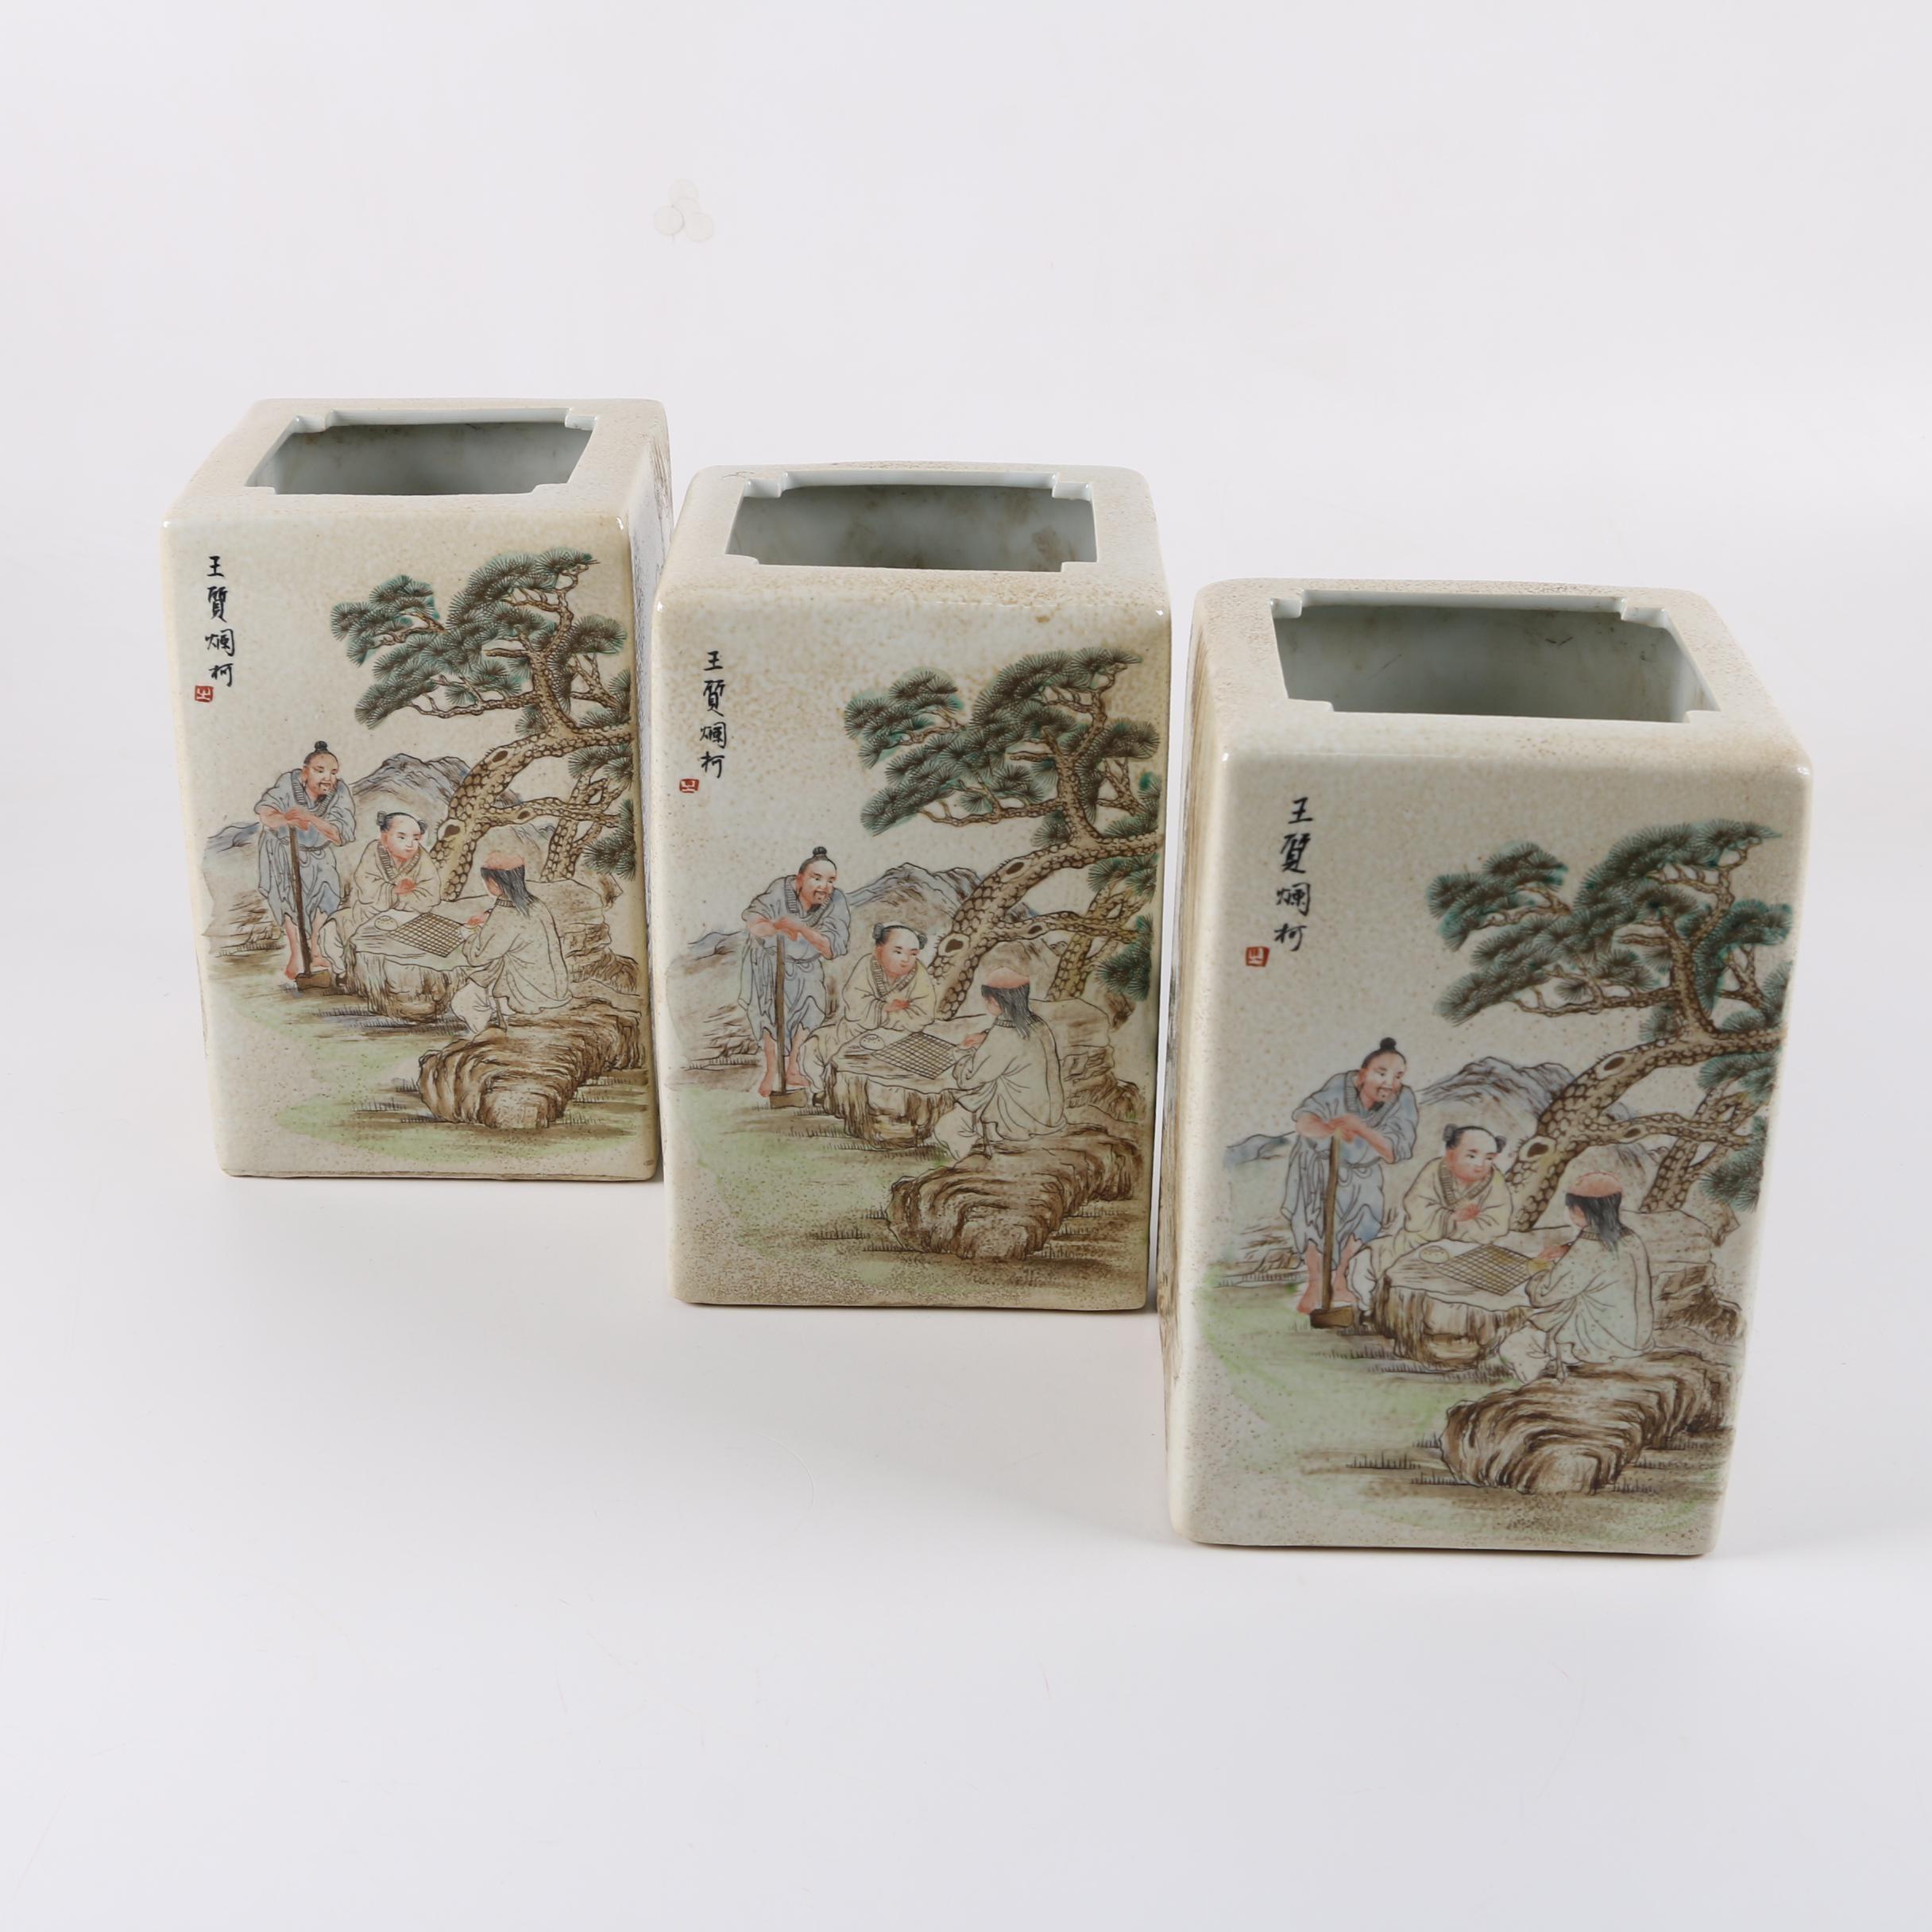 Chinese Pictorial Ceramic Vases